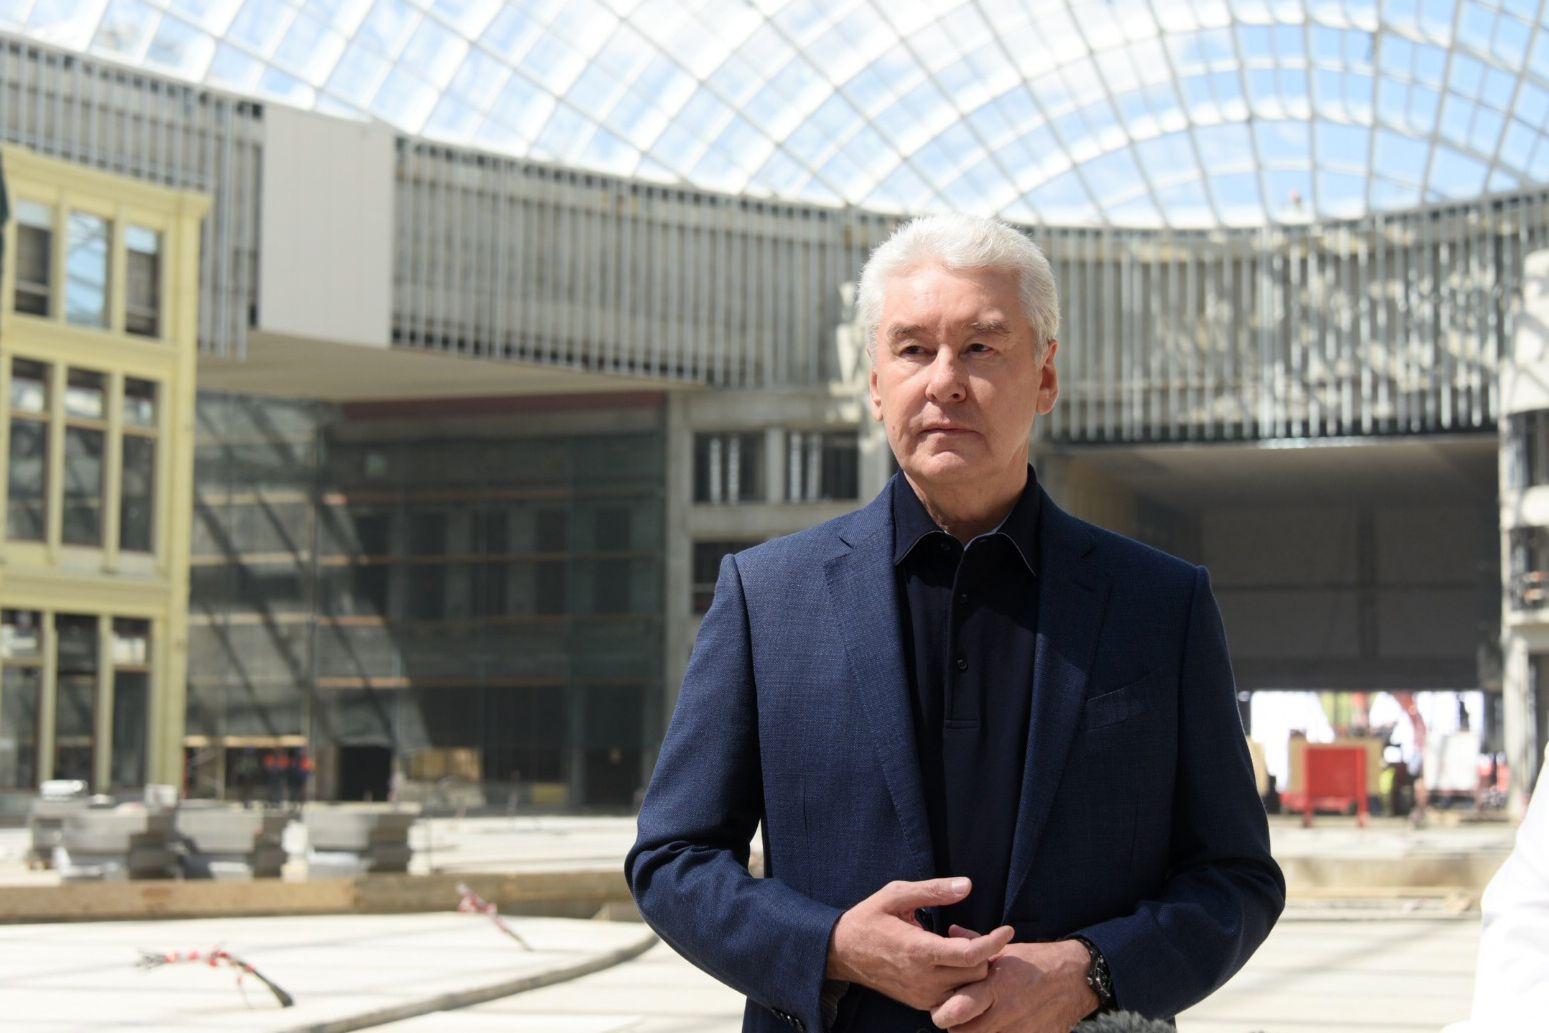 Сергей Собянин рассказал о ходе строительства парка «Остров мечты»